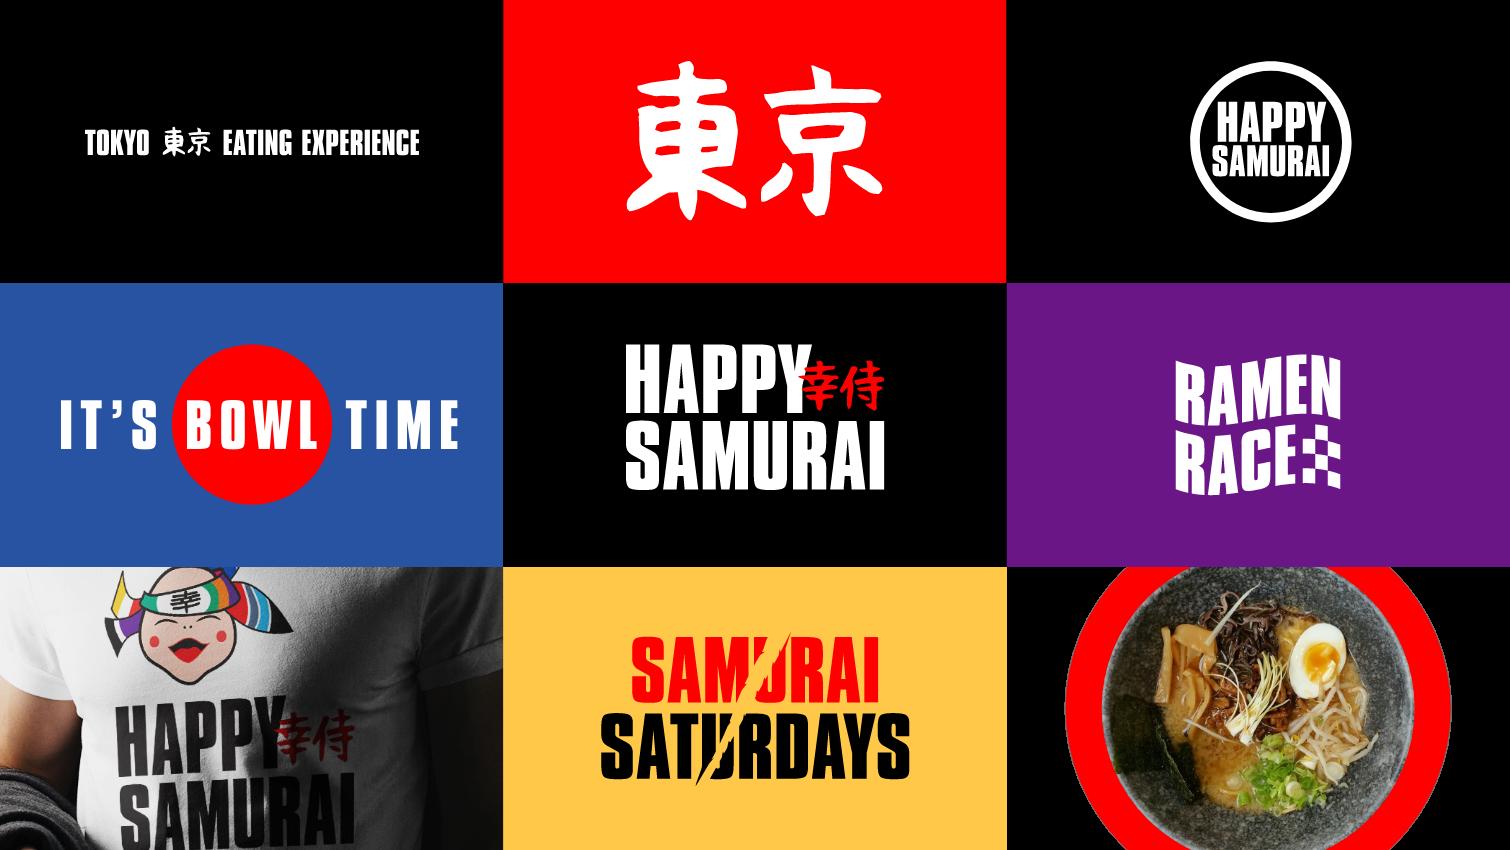 HappySamurai_2020_2